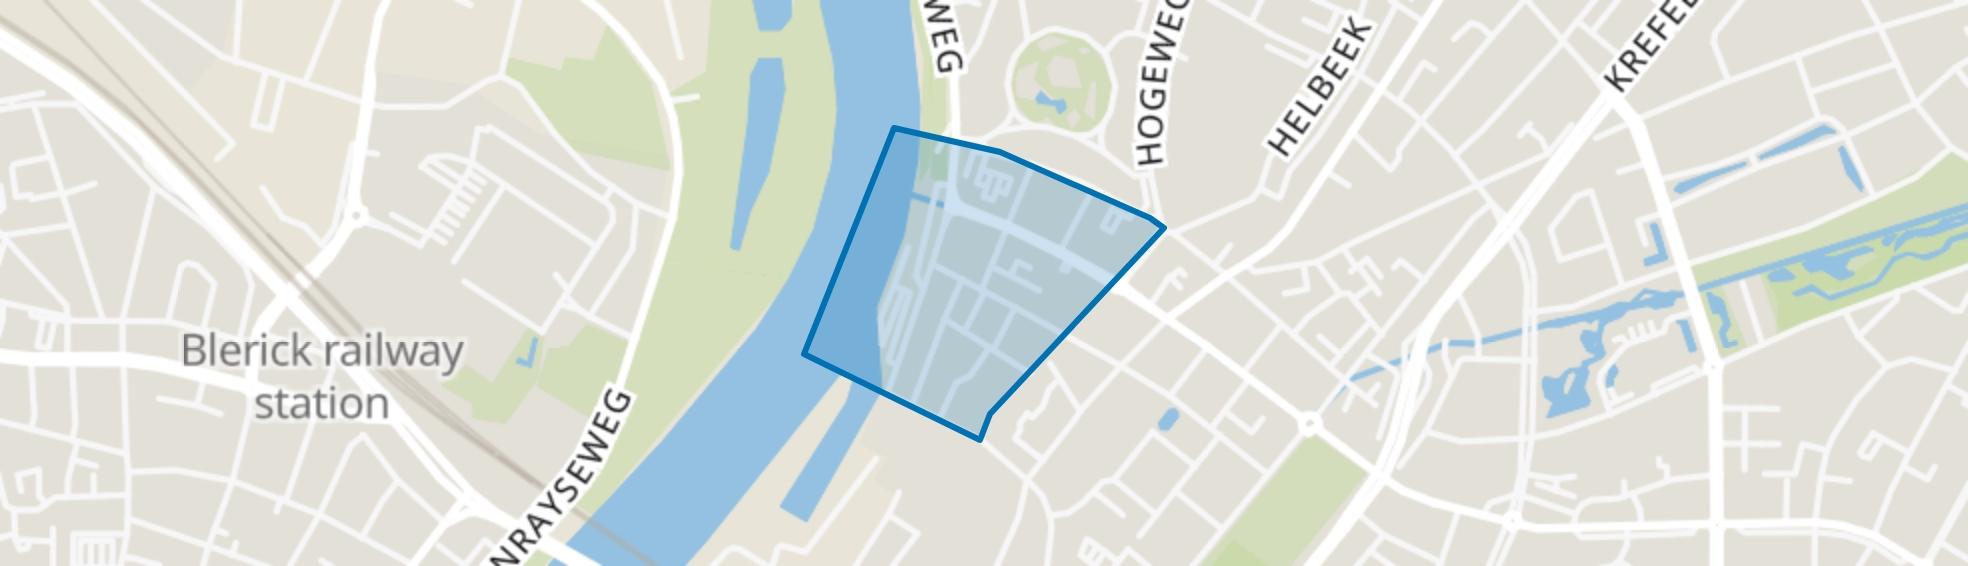 Q4, Venlo map